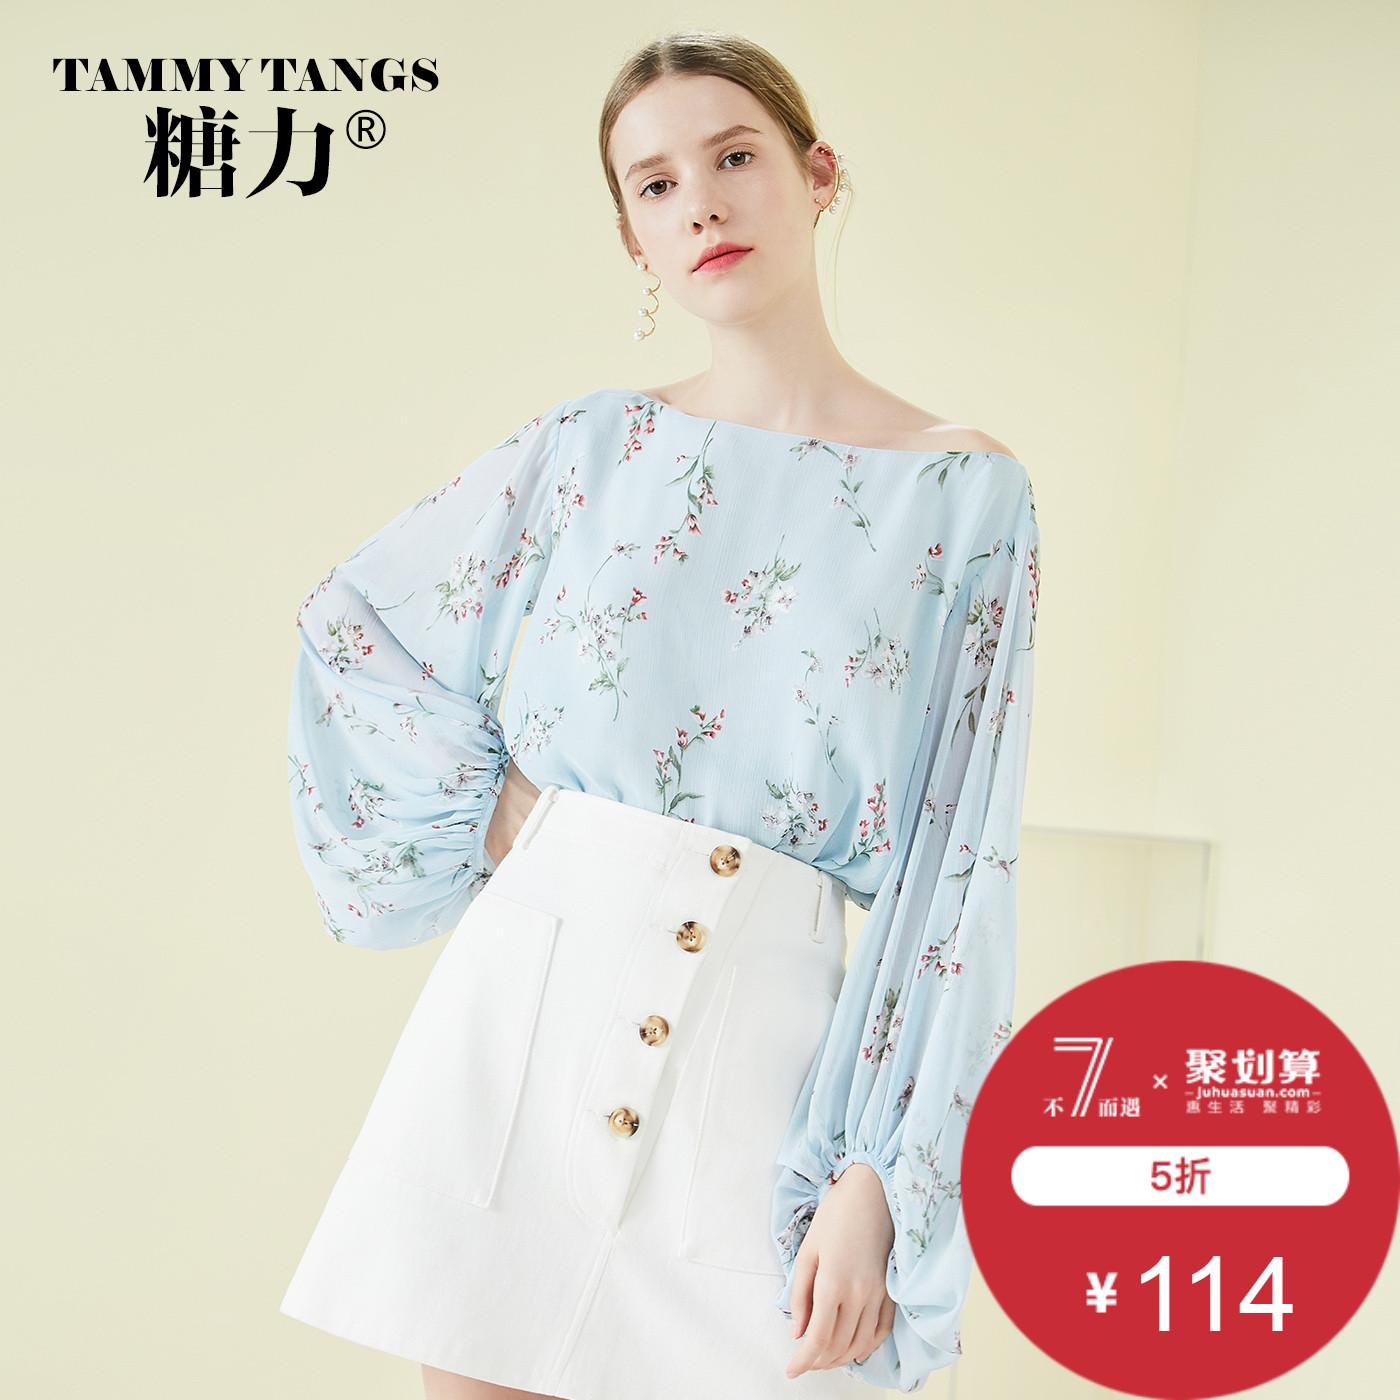 糖力2018春夏装新款欧美女装灯笼袖印花衬衣宽松休闲雪纺衬衫上衣